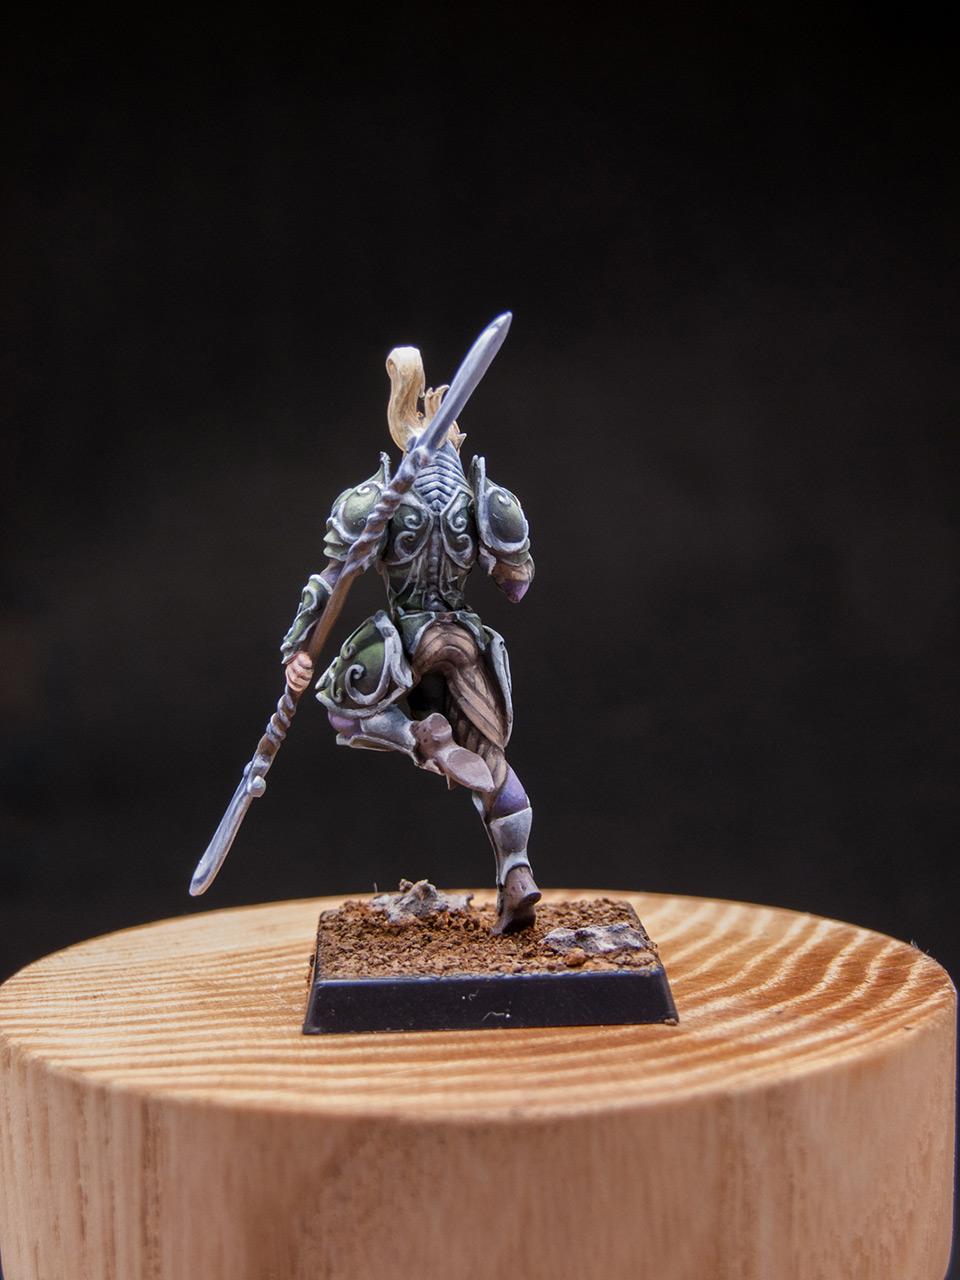 Разное: Эльфы Серебряной гвардии, фото #13